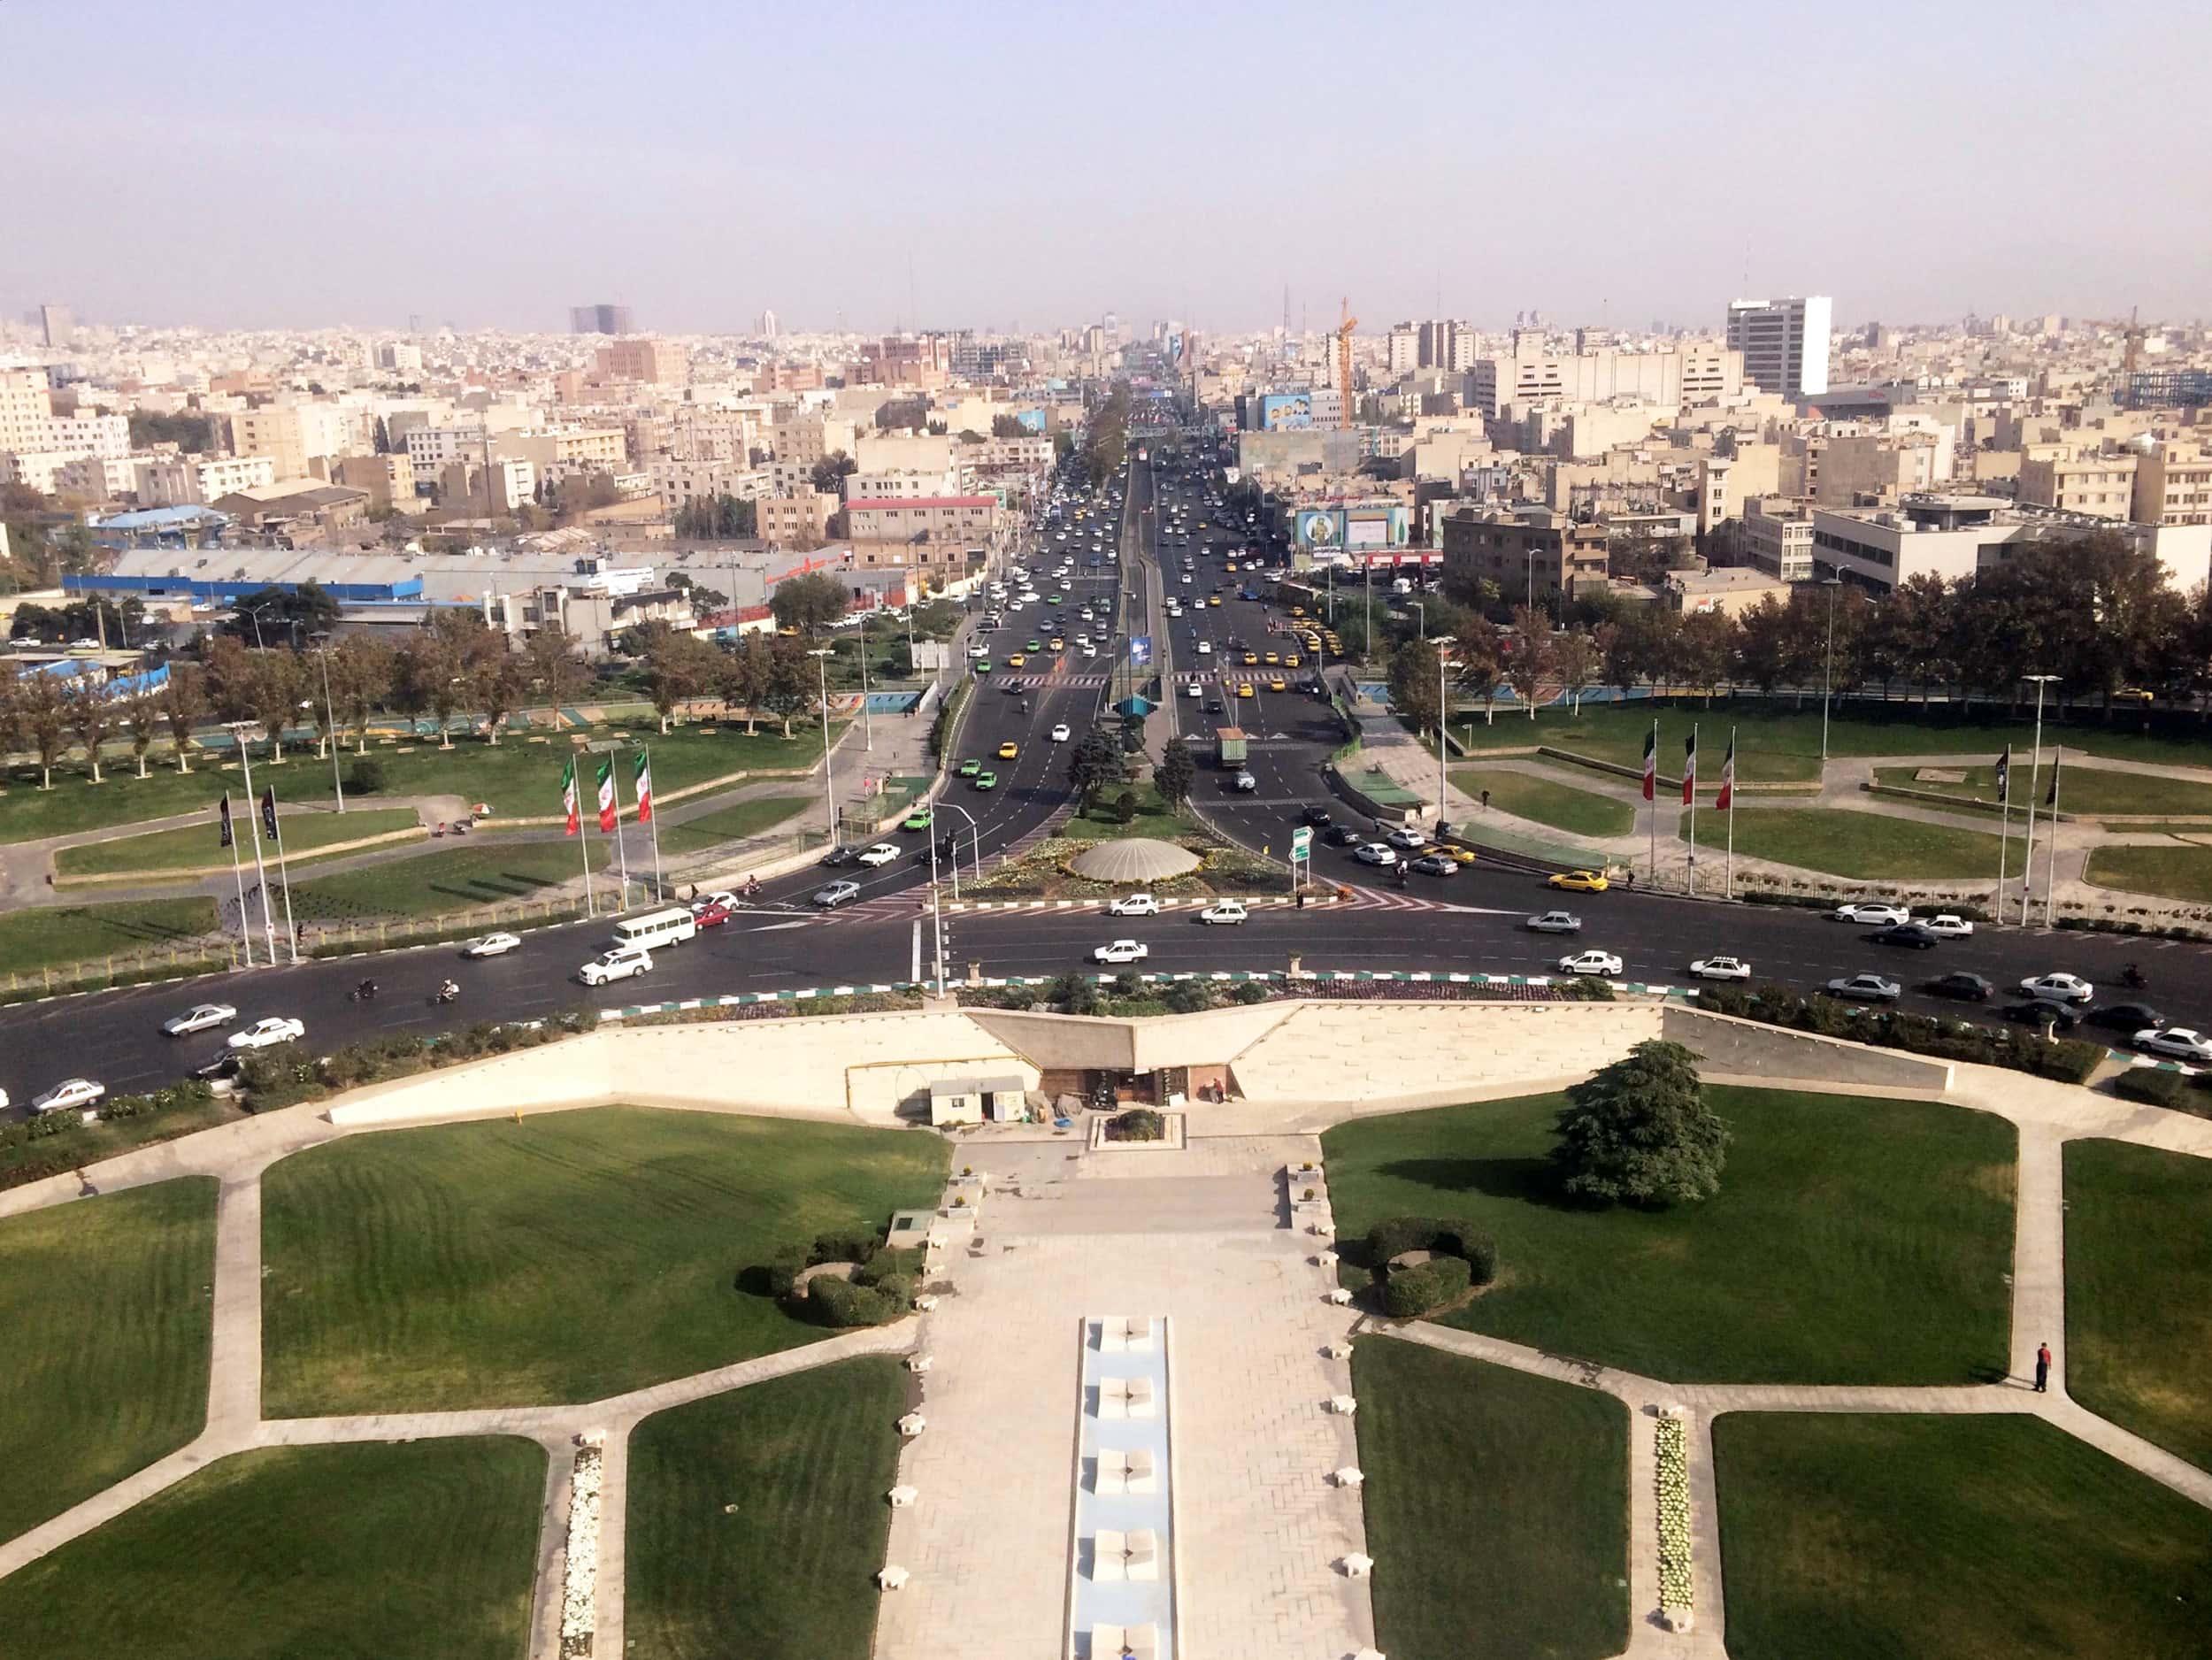 Іран. Фото міста з вежі